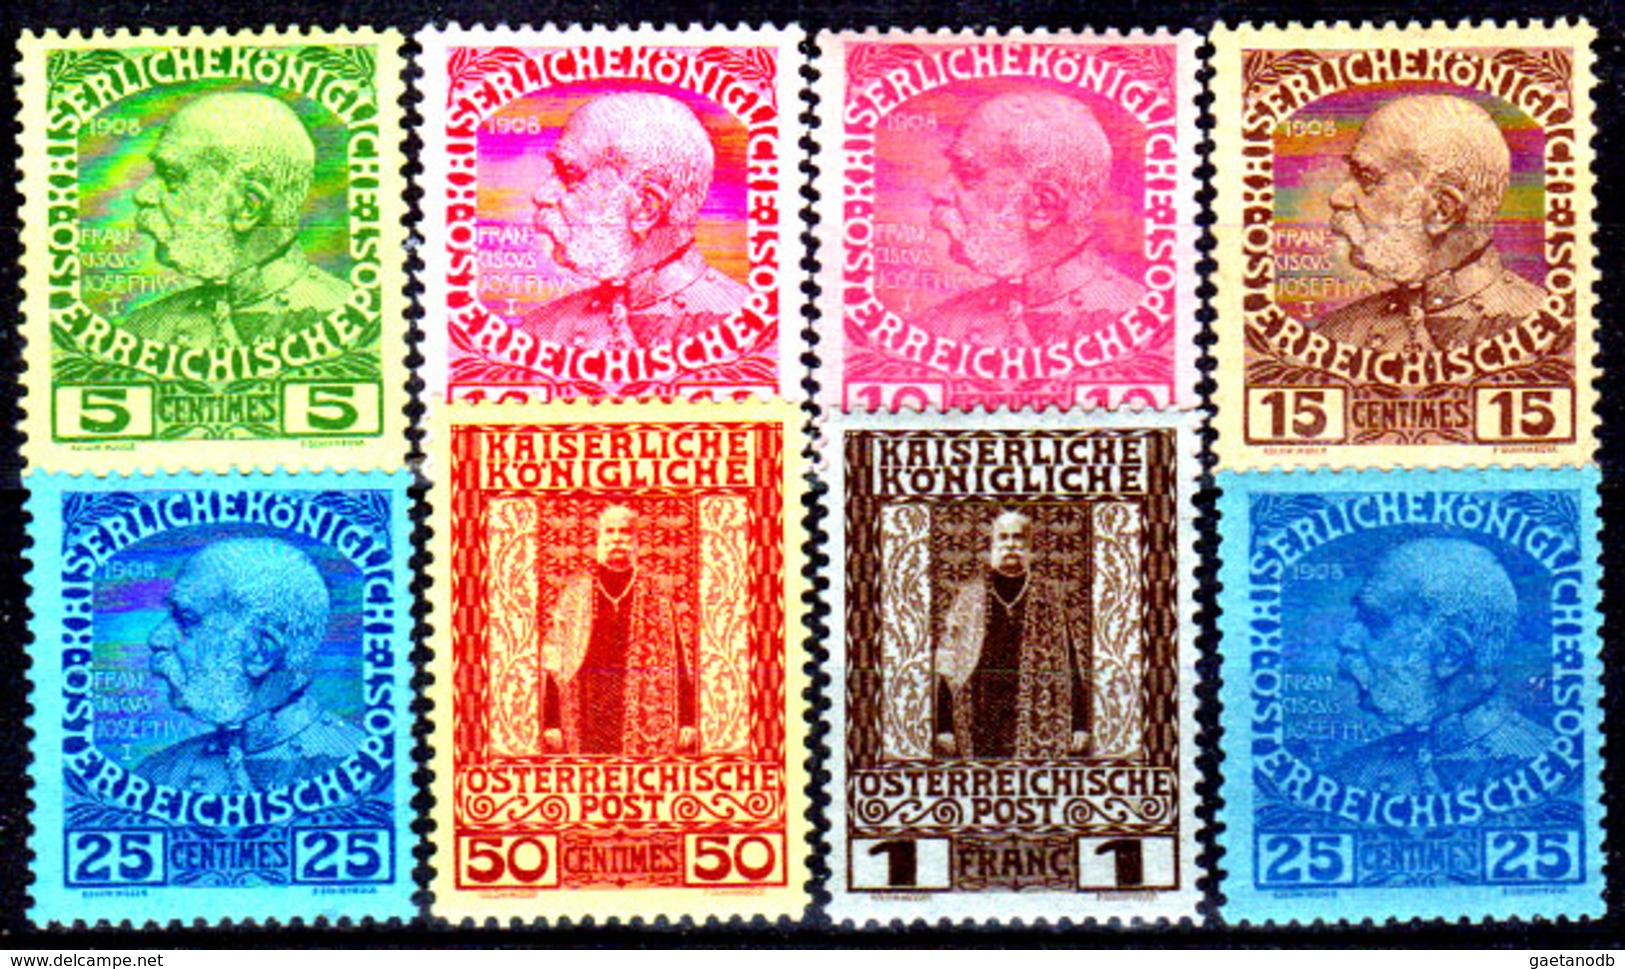 Creta-058 - Emissione 1908-14 (+) LH - Senza Difetti Occulti. - Creta